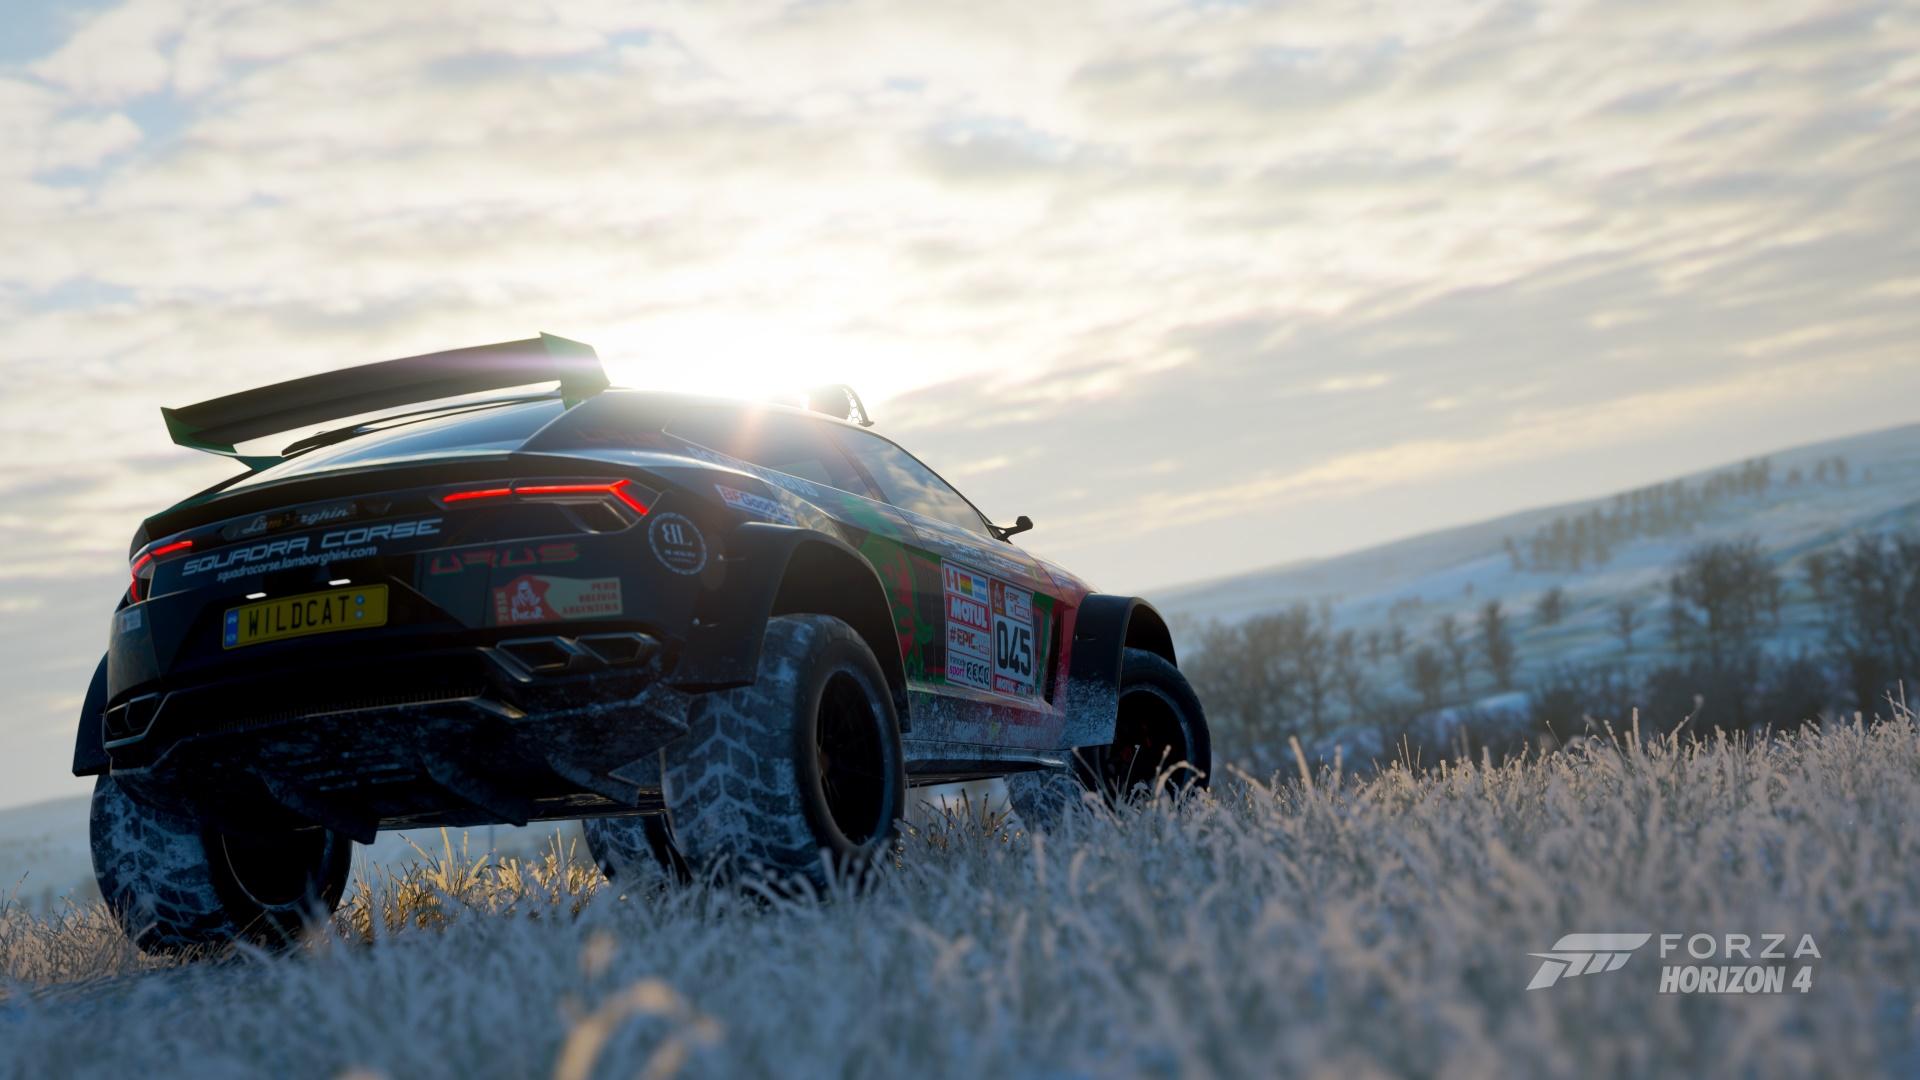 Race Originals Replicas Wildcat Designs Team Akane 82 911